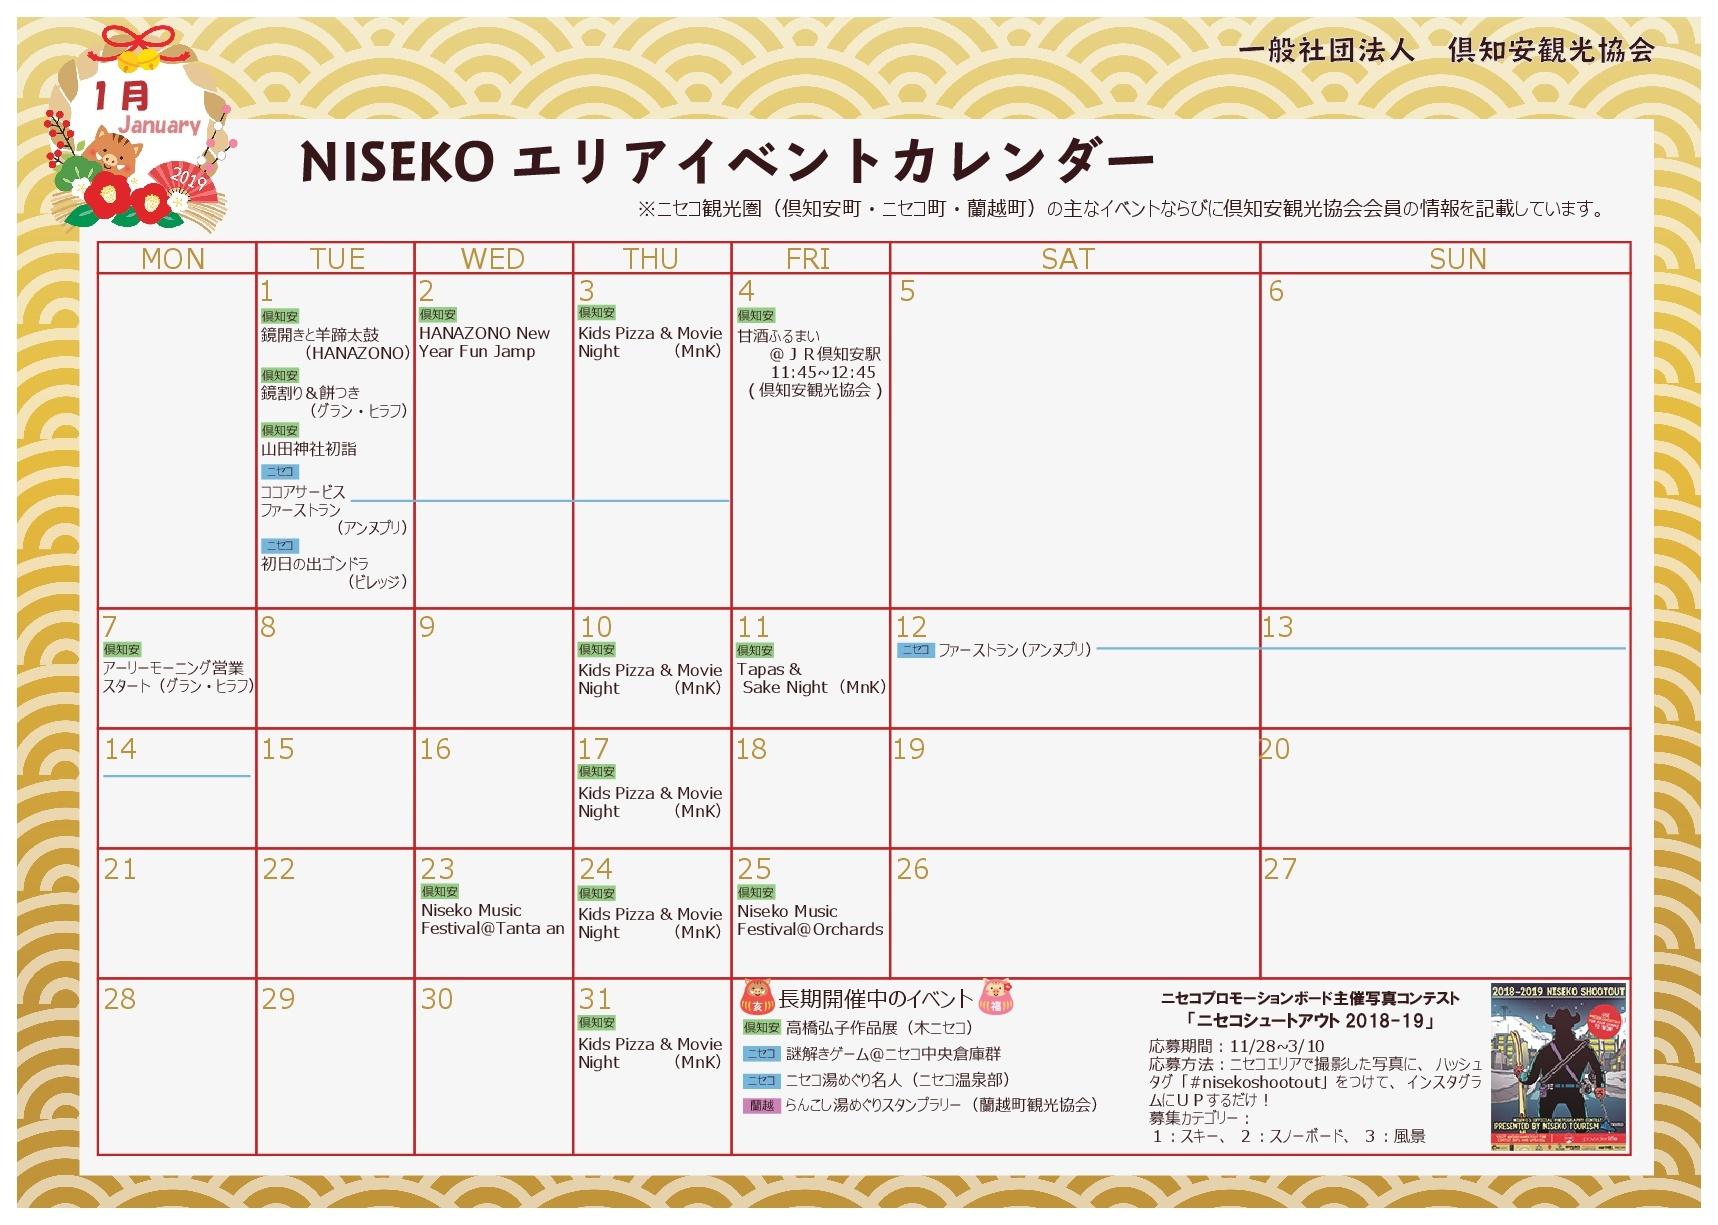 201901カレンダー 001 3